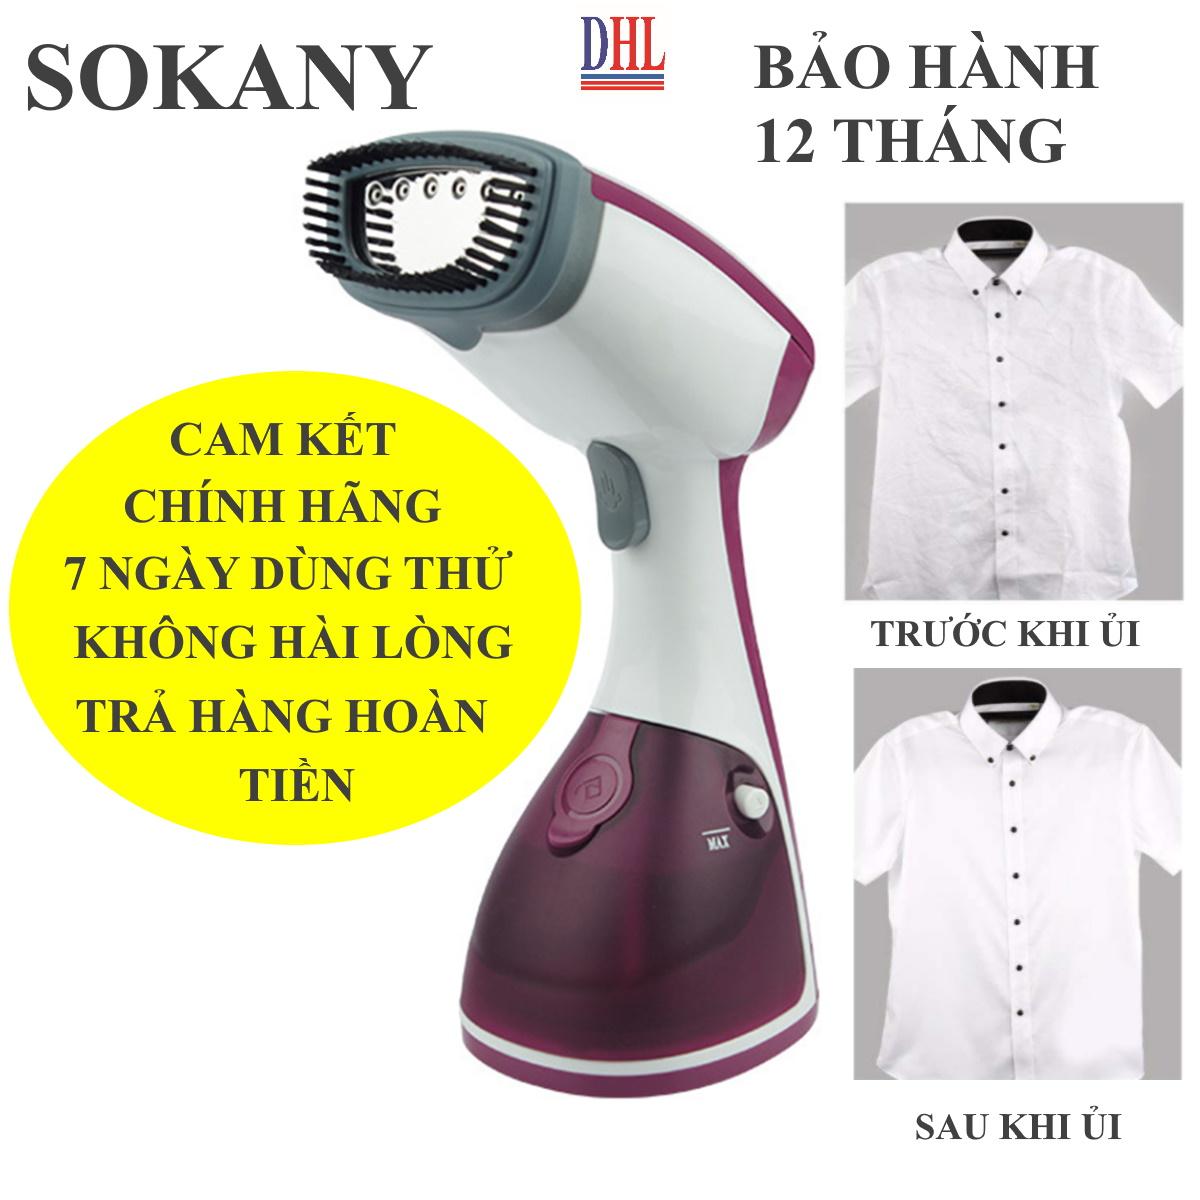 Bàn là bàn ủi hơi nước cầm tay SOKANY AJ-2205 công suất 1200W hàng chính hãng